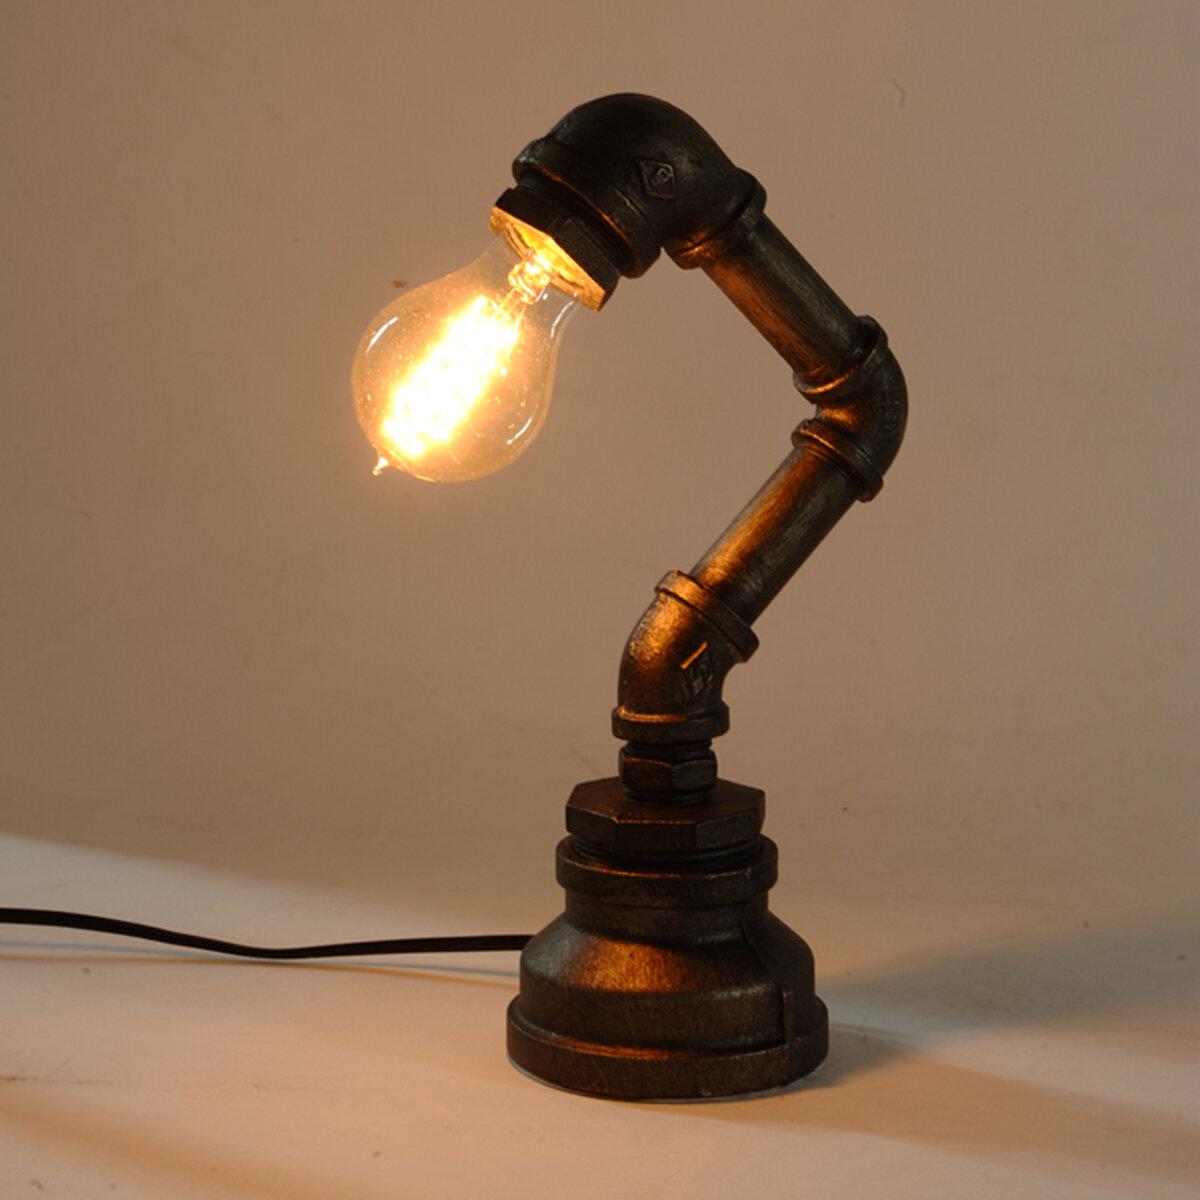 nouveau e27 lampe de bureau vintage industrielle rétro en fer avec